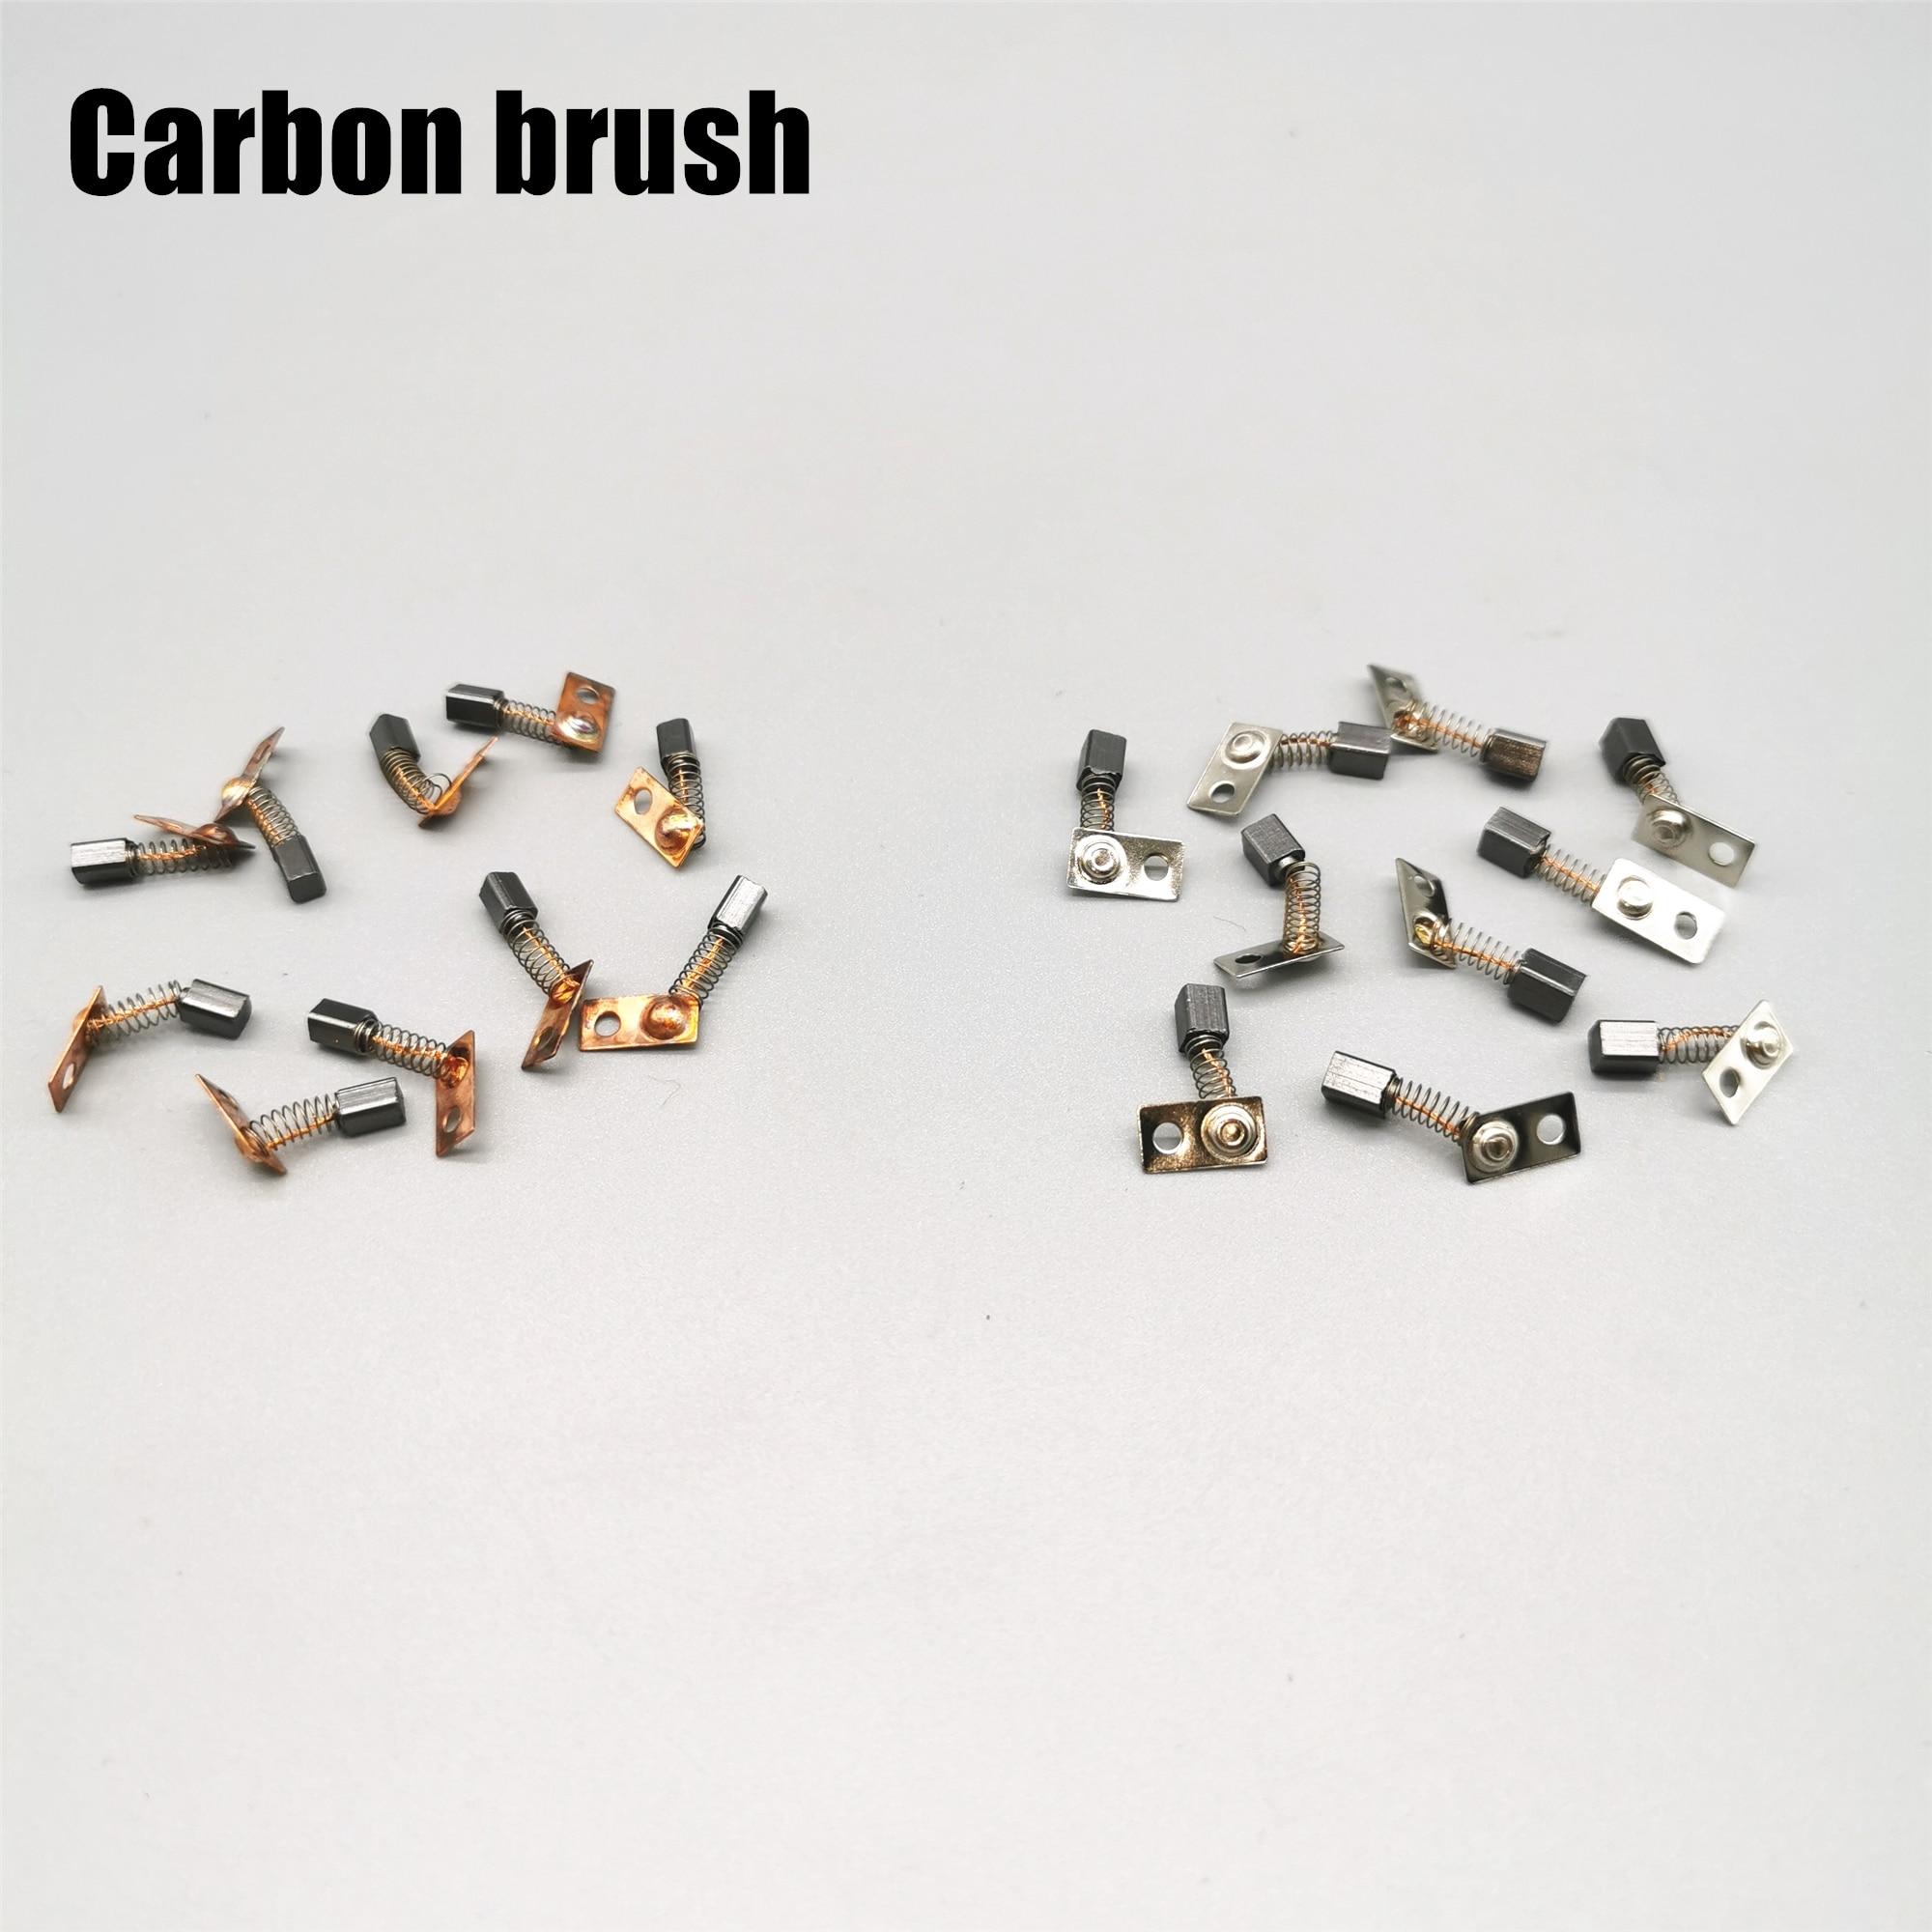 10 шт. Углеродные щетки сильные 210 90 204 марафон заменить 102 105л ручка углеродная щетка все сильные электрические маникюрные сверла аксессуары